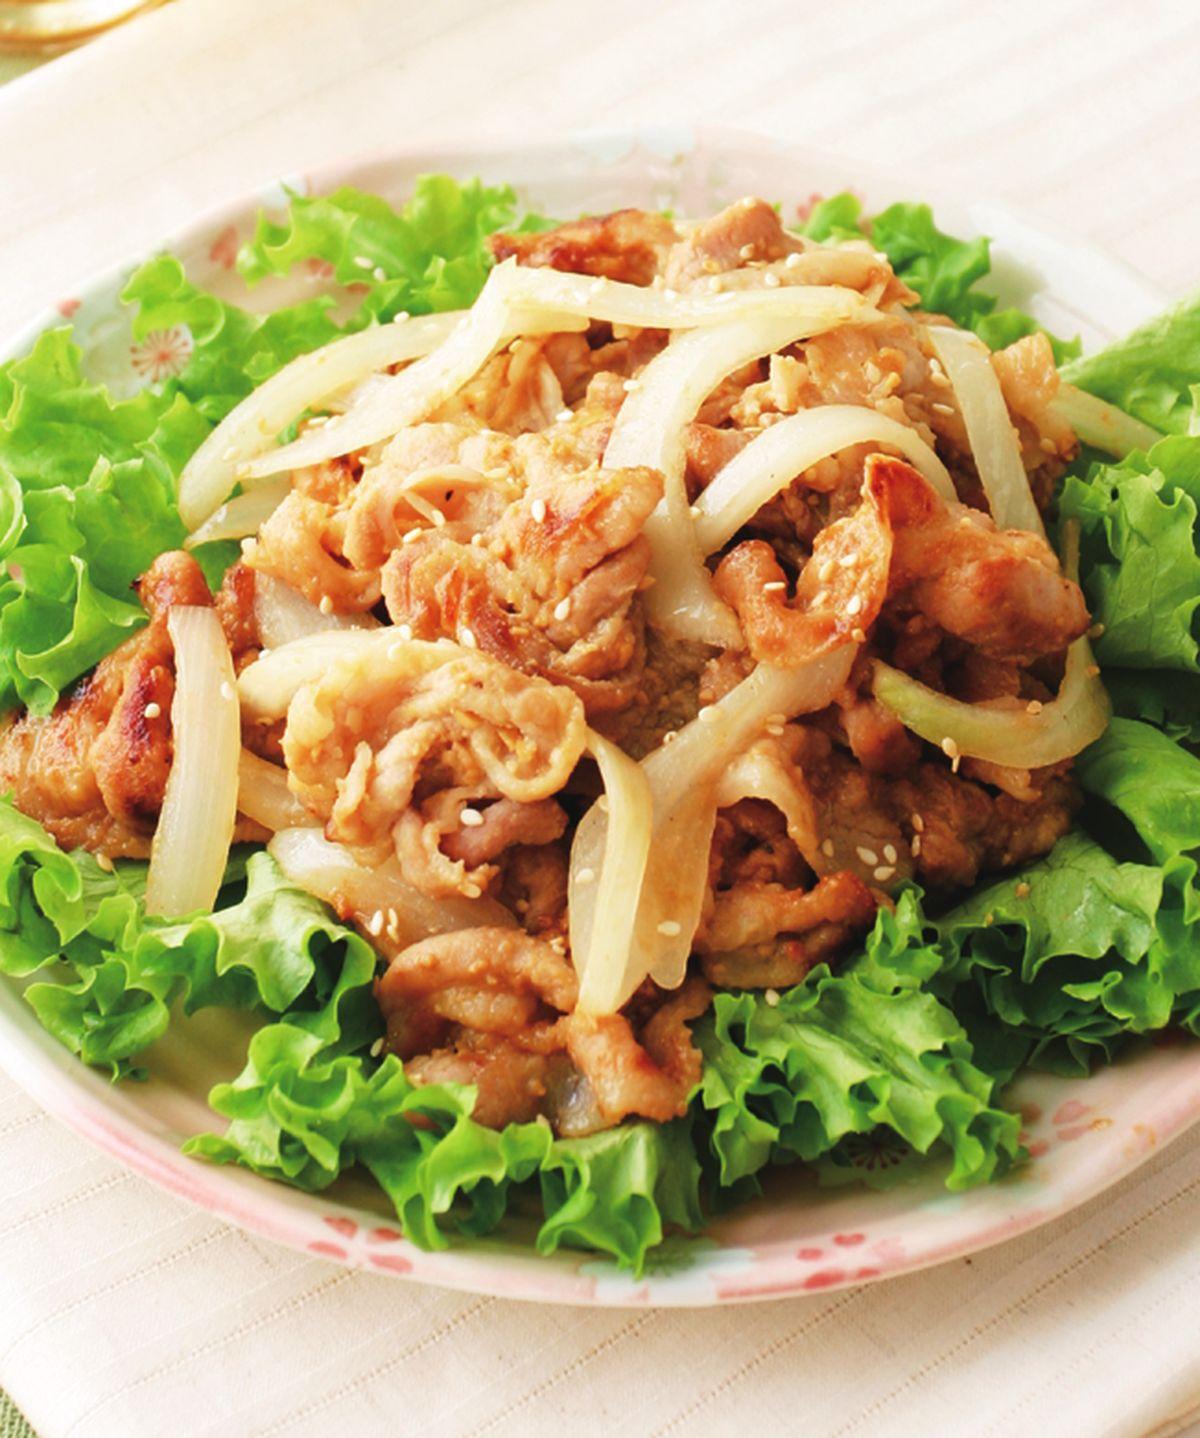 食譜:味噌燒肉片